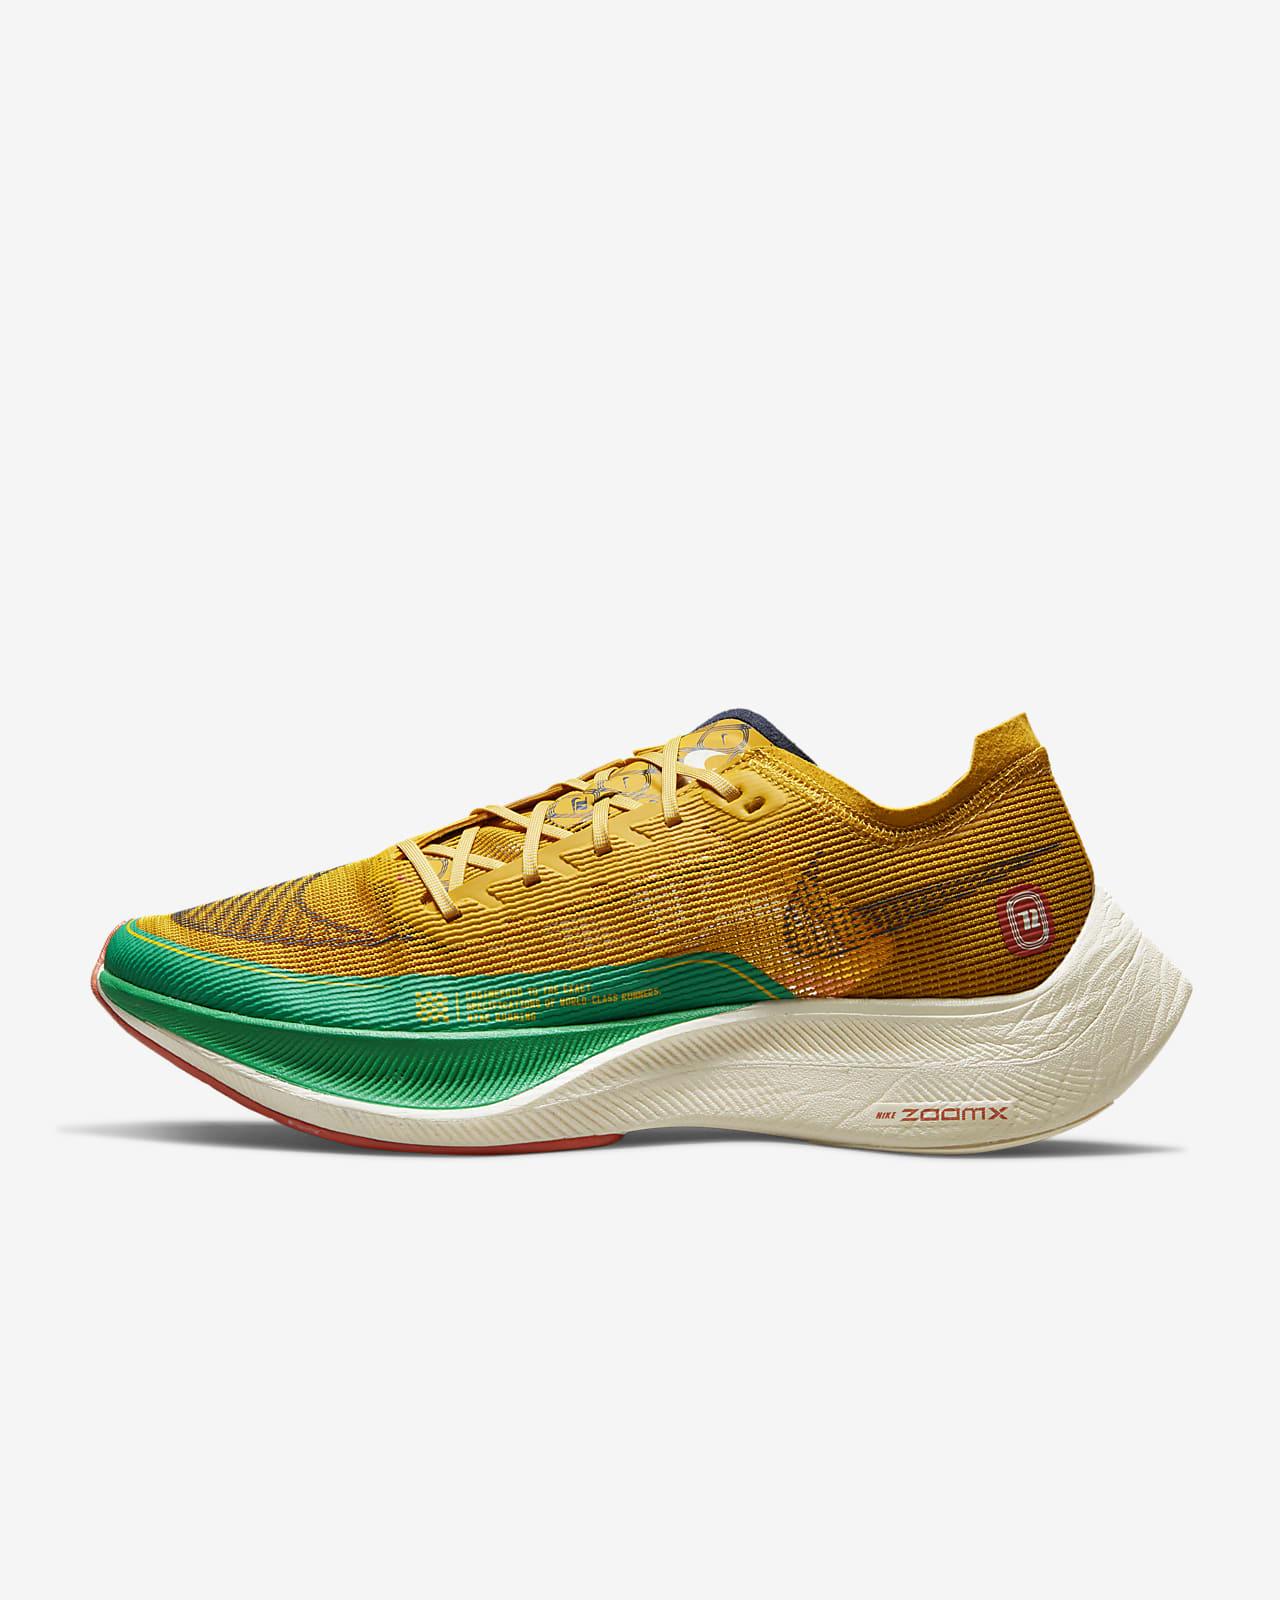 Ανδρικό παπούτσι αγώνων δρόμου Nike ZoomX Vaporfly NEXT% 2